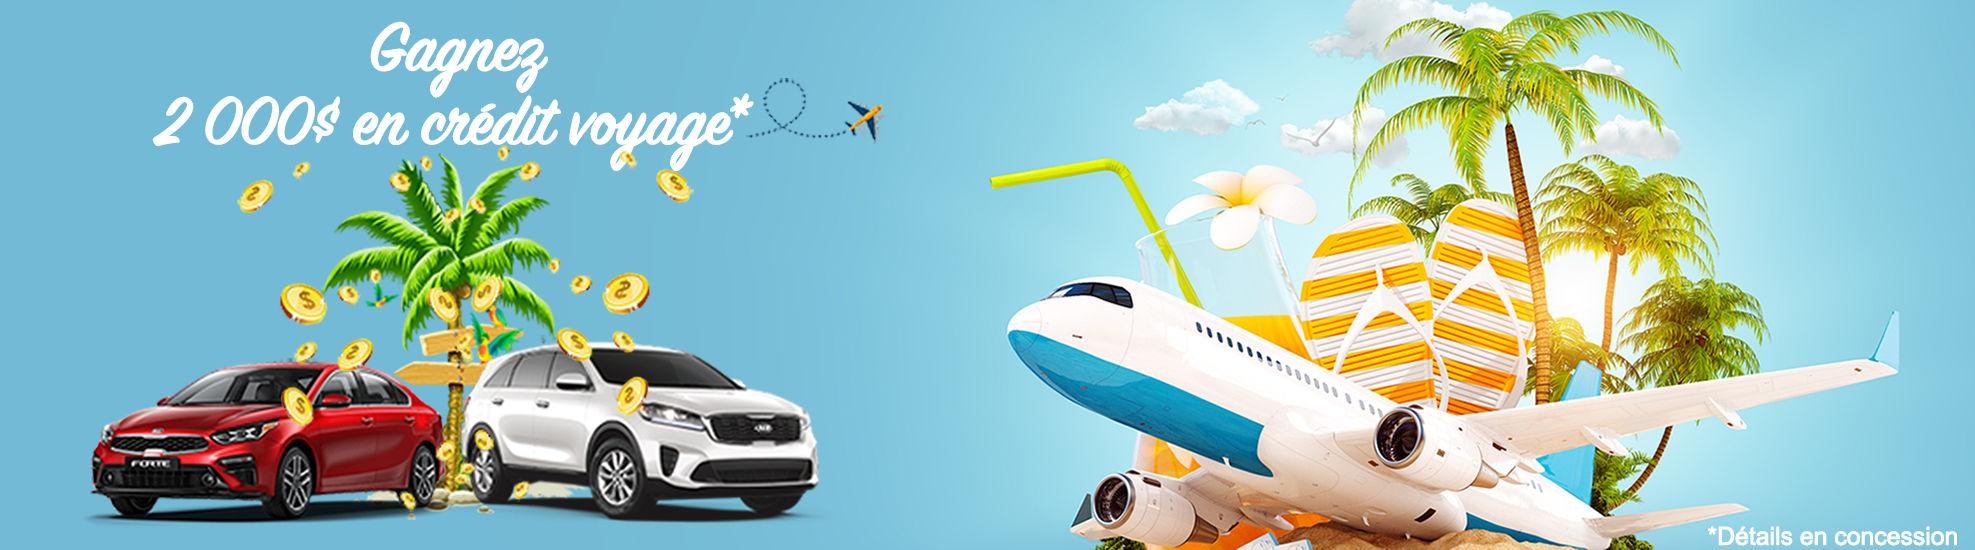 Concours crédit voyage